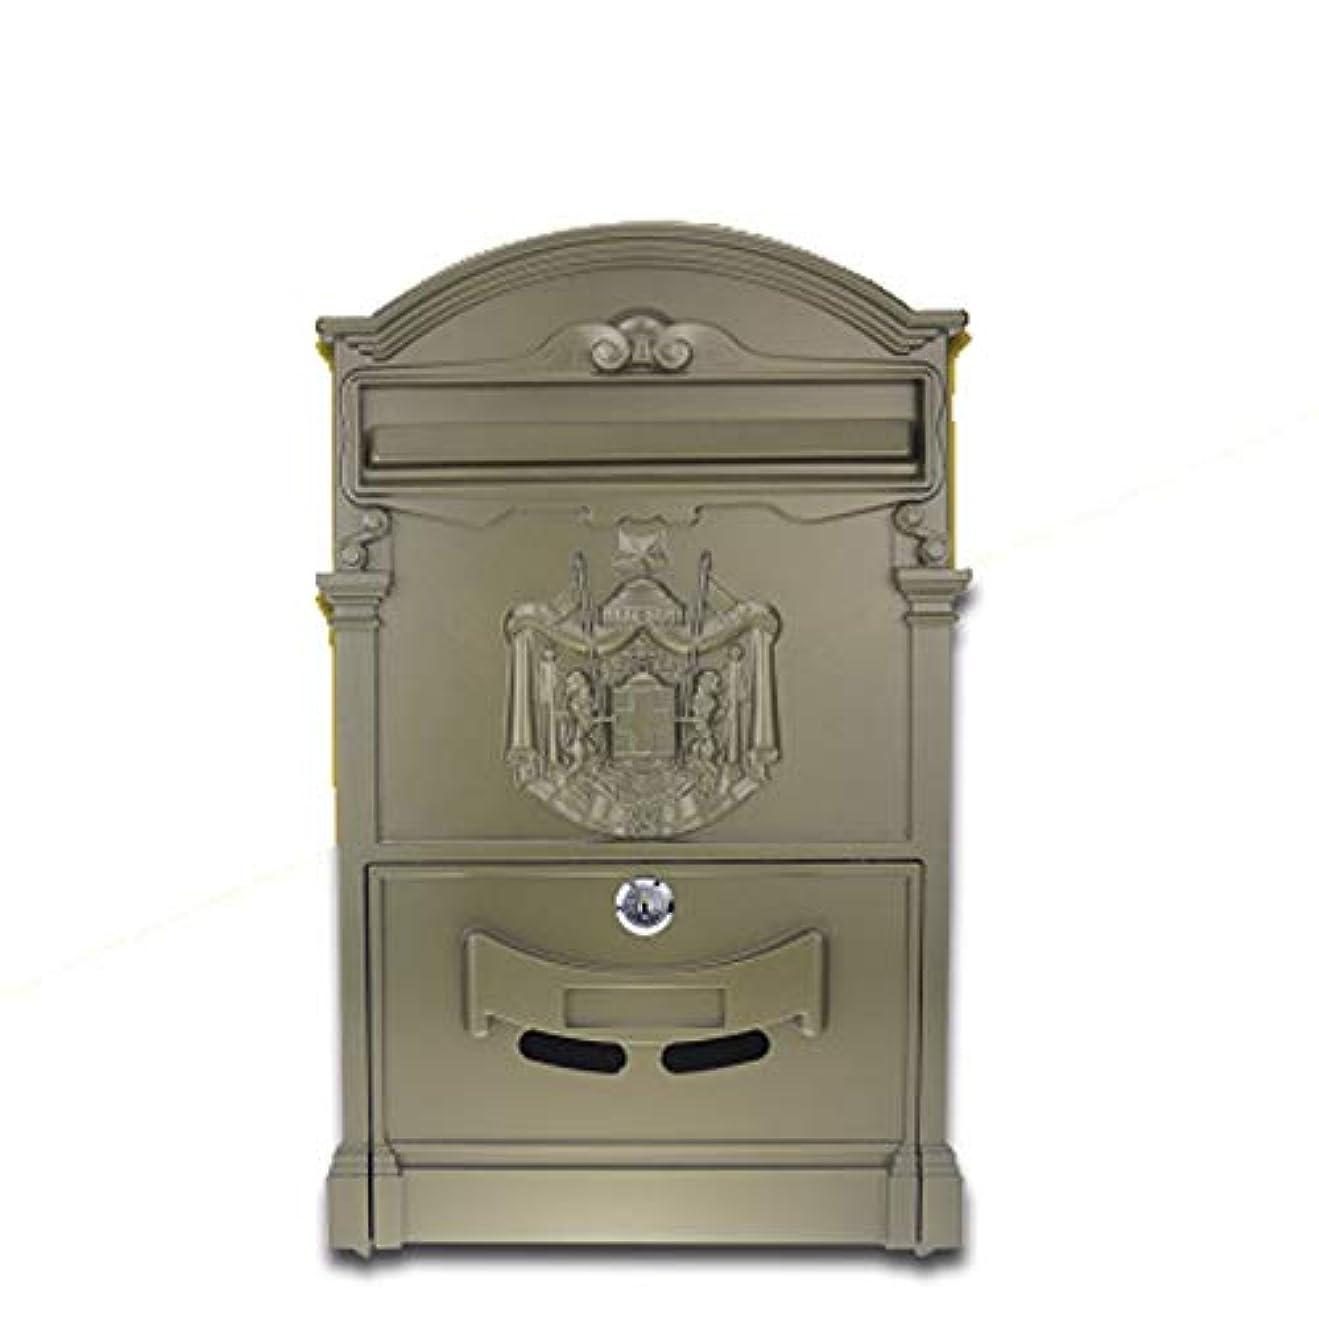 医師白雪姫子孫SHYPwM ビンテージウォール吊り郵便箱ロック可能ポストボックスセキュアレターボックス、防水キャスト2桁のアルミメールボックス (色 : コー??ヒー)